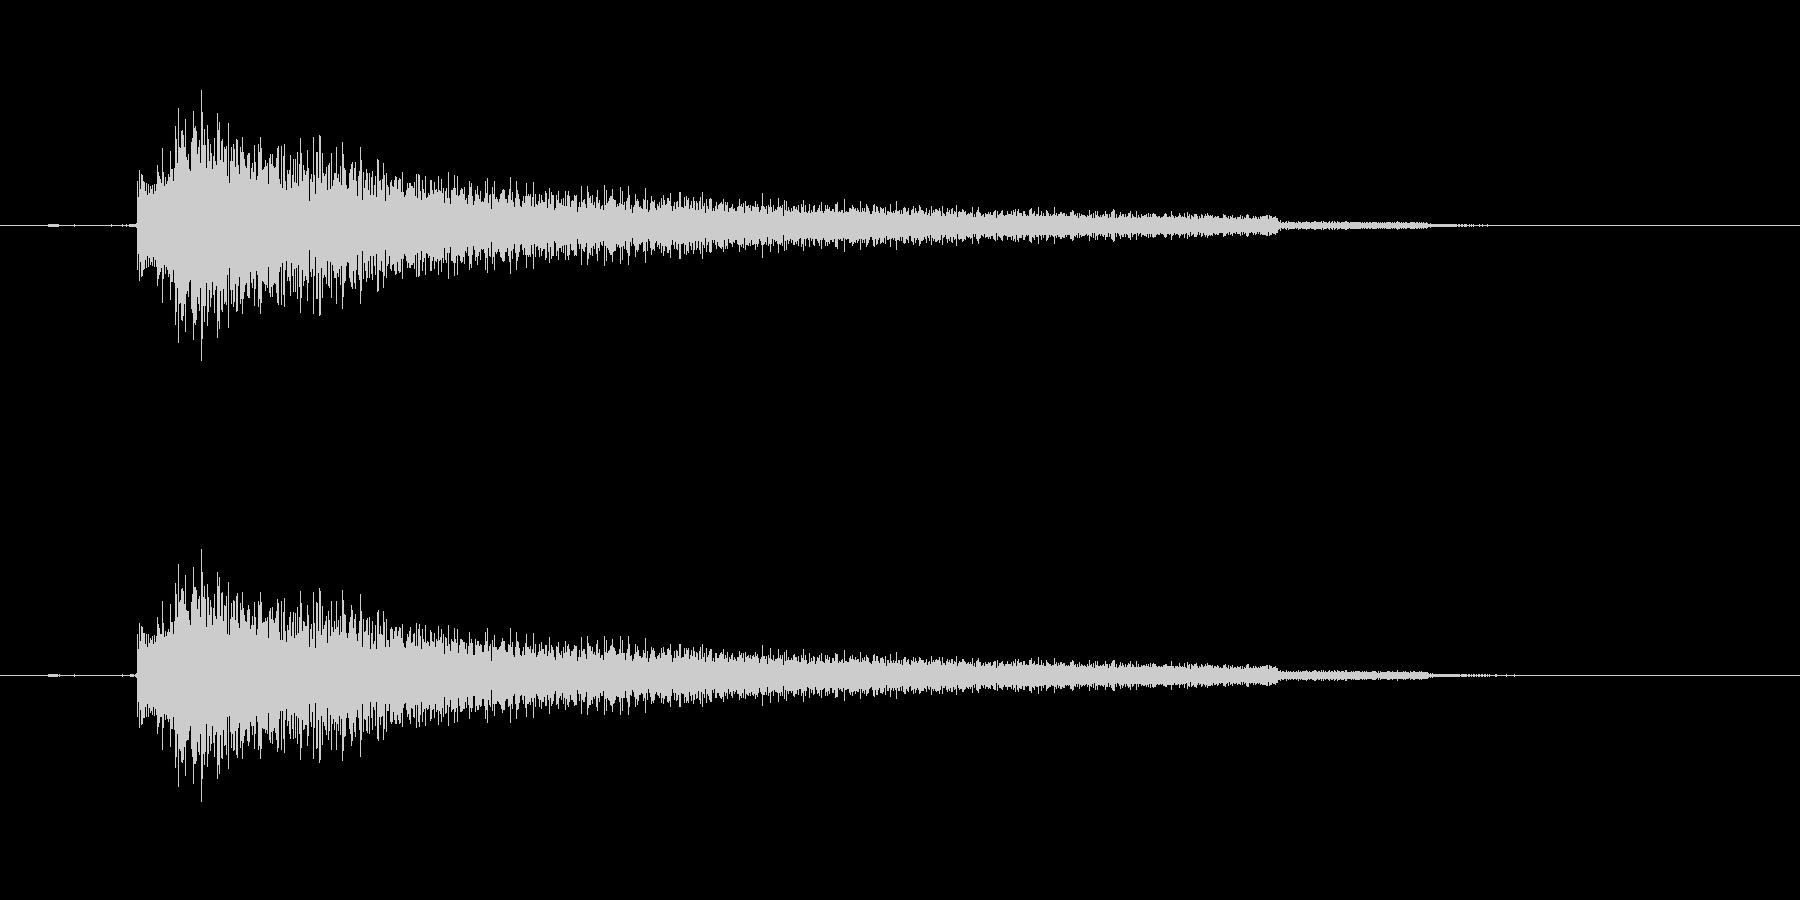 エレキギター(ロマンチック効果音)の未再生の波形